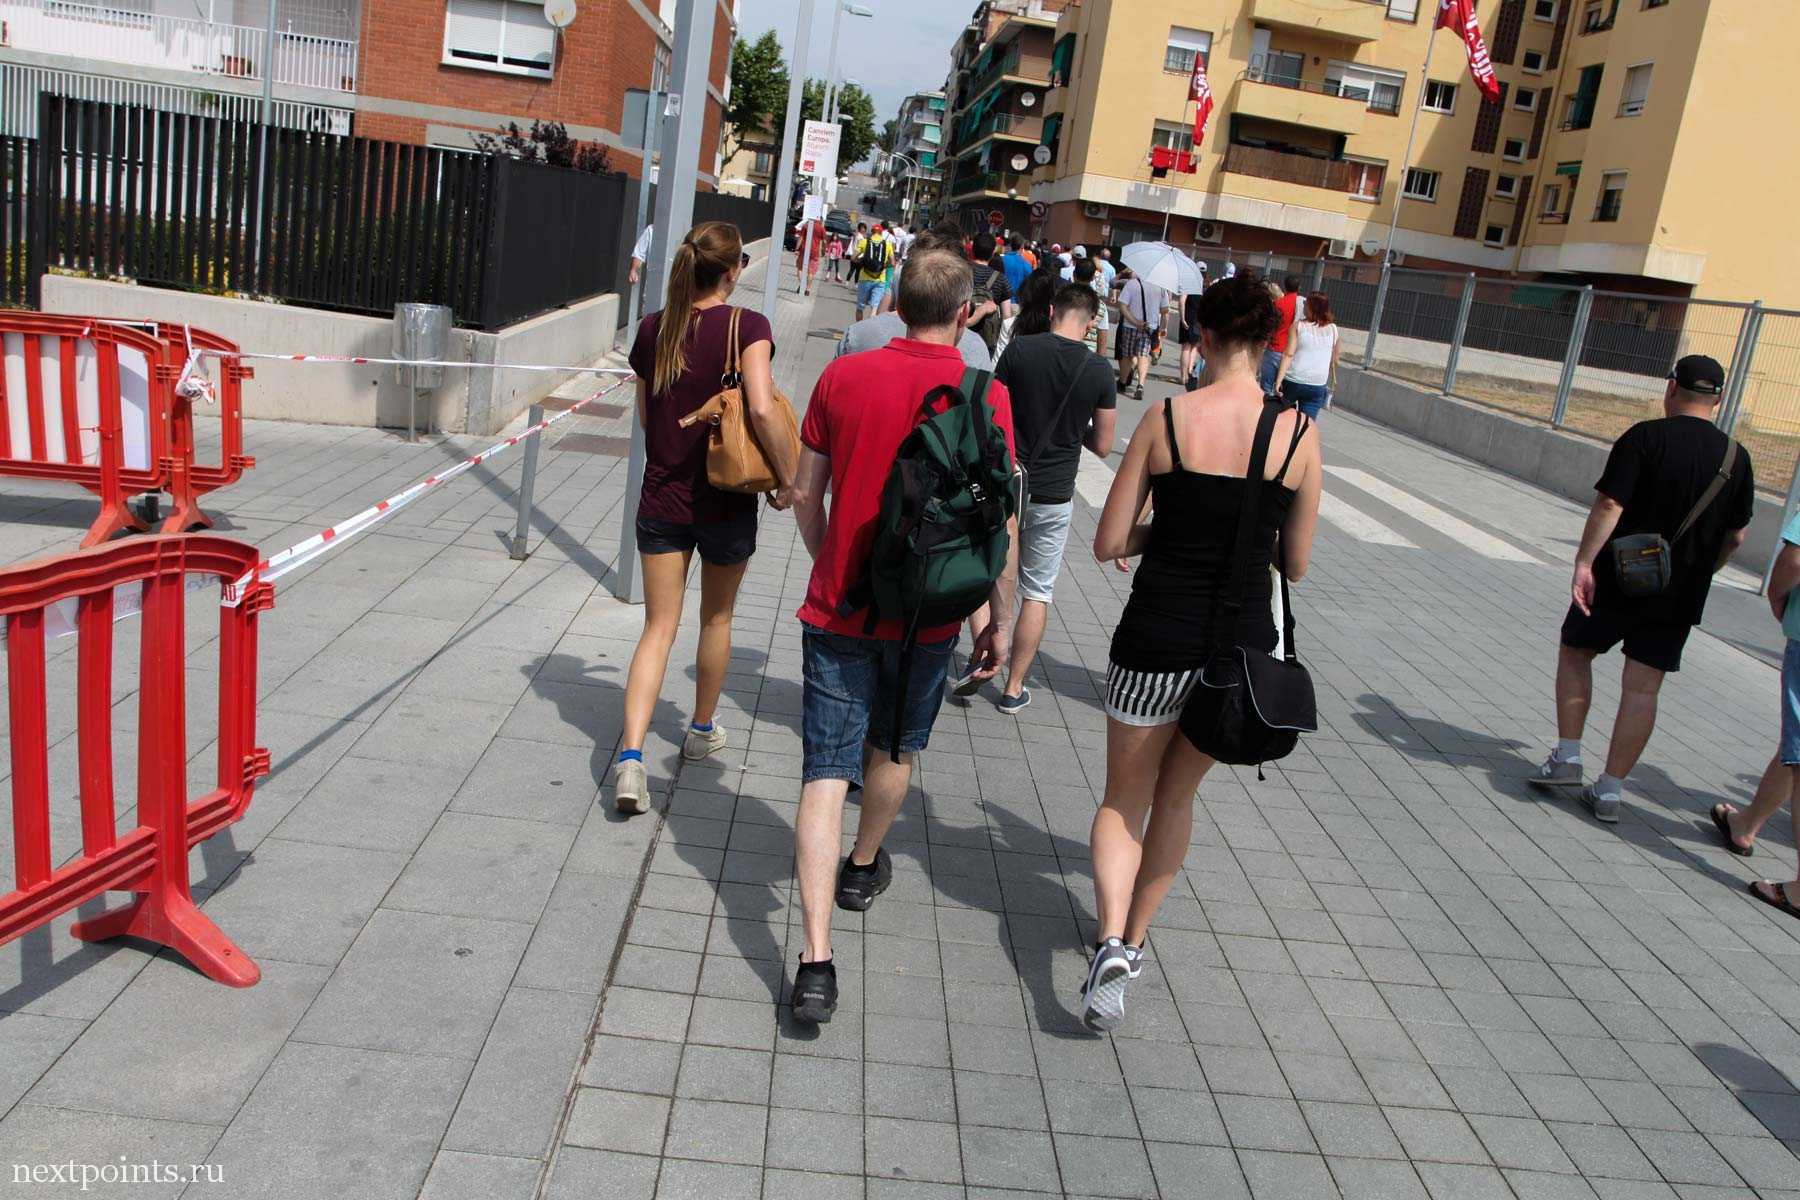 Идем по городу Монмело (Montmelo) в дни Формулы 1 в Испании